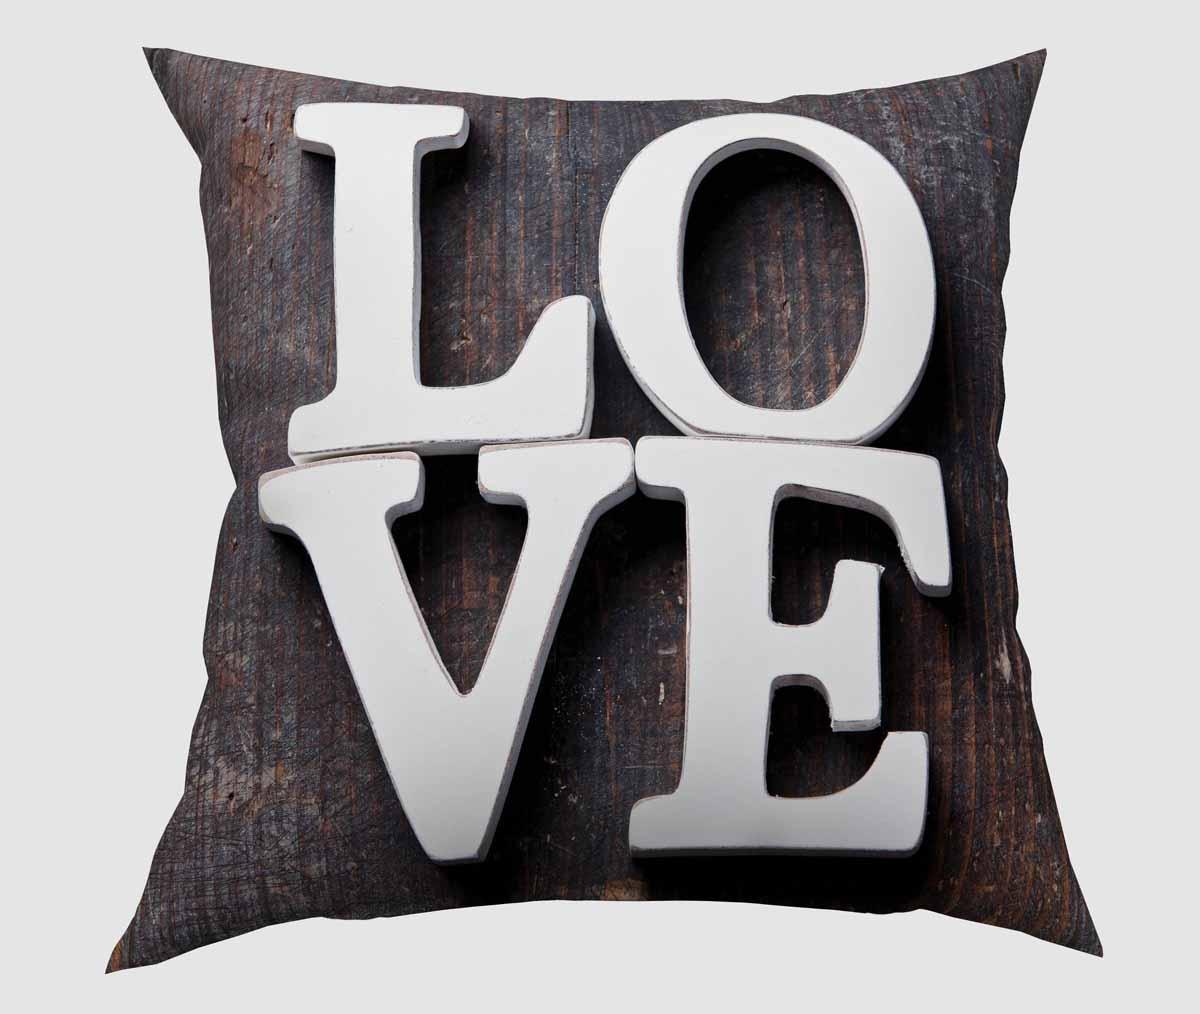 Подушка декоративная Сирень Объемная любовь, 40 х 40 см531-401Декоративная подушка Сирень Объемная любовь, изготовленная из габардина (100% полиэстер), прекрасно дополнит интерьер спальни или гостиной. Подушка оформлена красочным изображением. Внутри - мягкий наполнитель из холлофайбера (100% полиэстер). Красивая подушка создаст атмосферу тепла и уюта в спальне и станет прекрасным элементом декора.